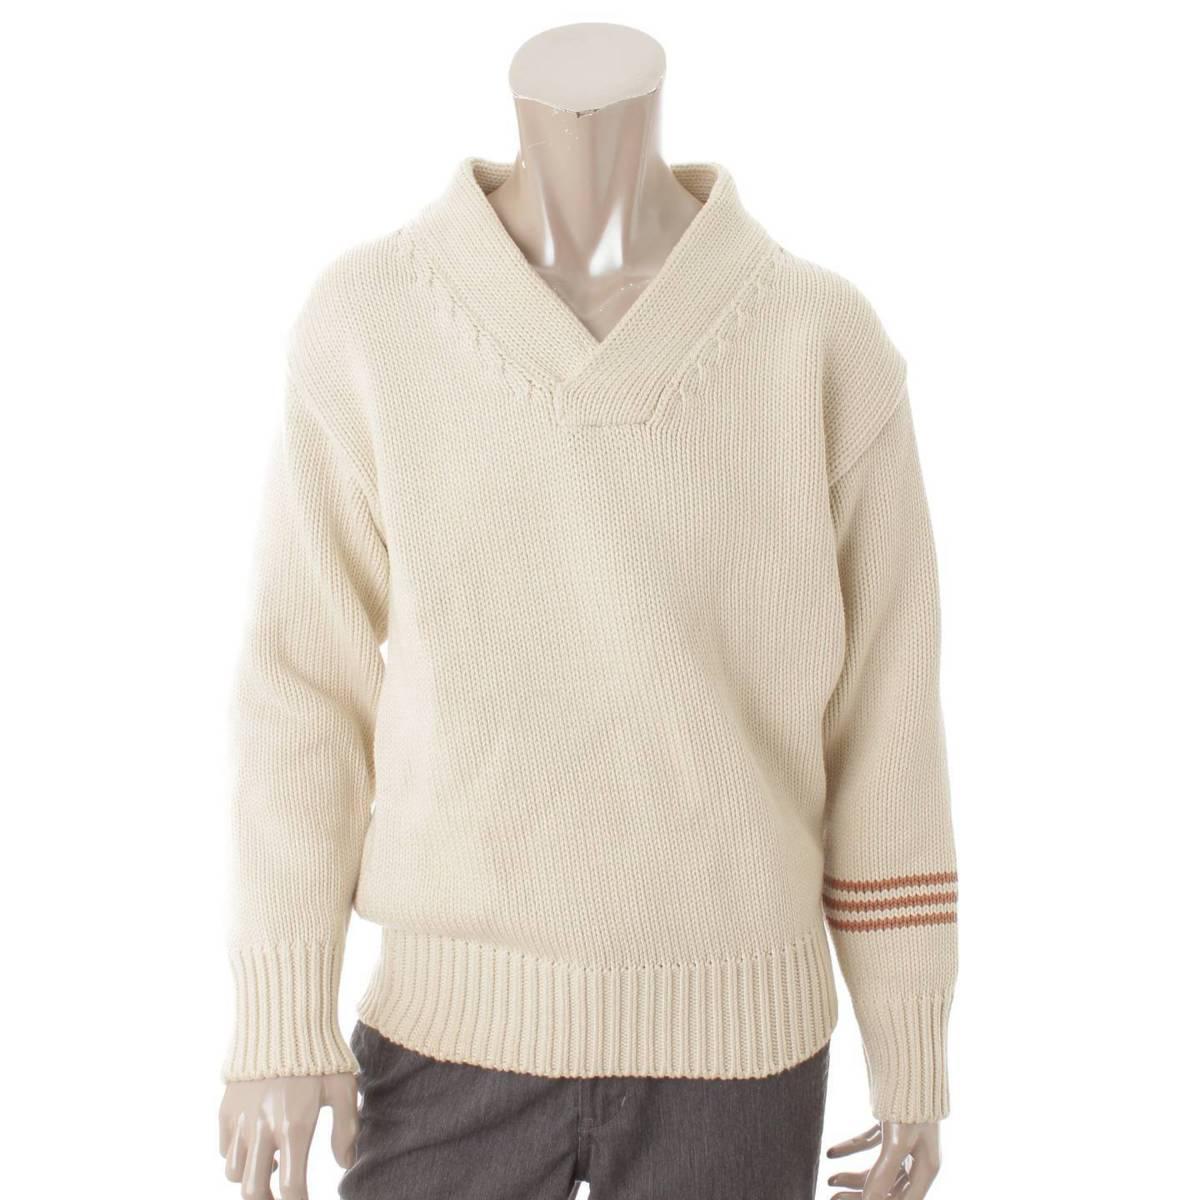 【メゾンマルジェラ】Maison Margiela メンズ 18AW エルボーパッチ セーター ニット アイボリー M 【中古】【鑑定済・正規品保証】80689